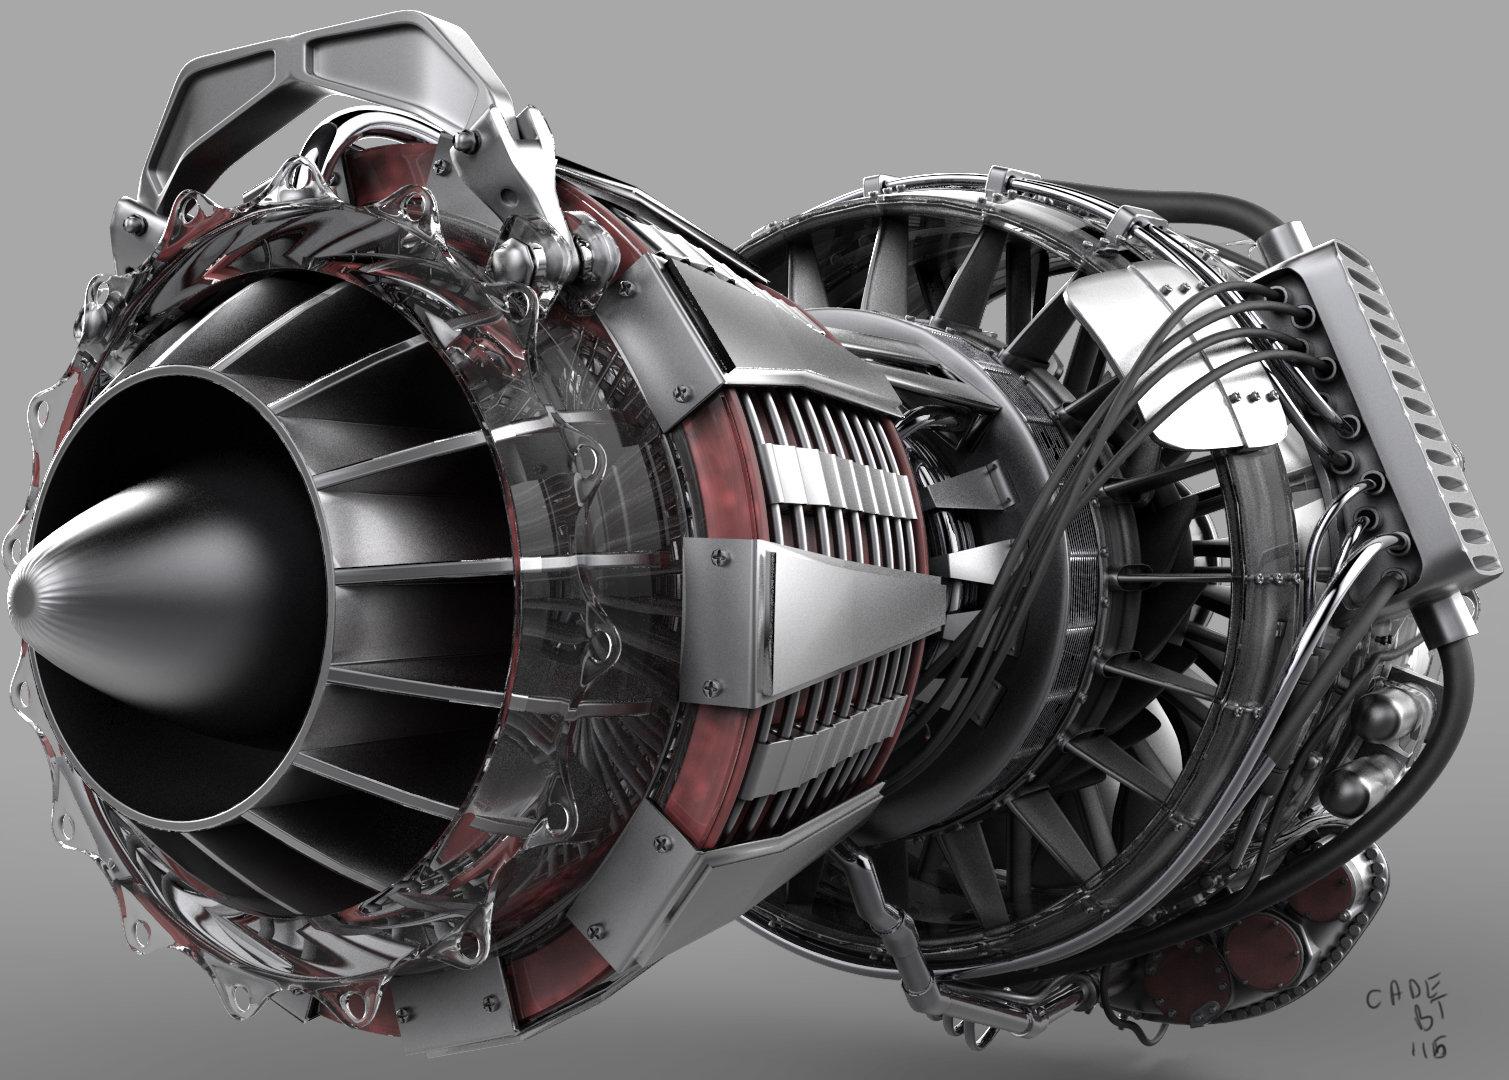 ArtStation - Turbo Fan Jet Engine, Cade Jacobs